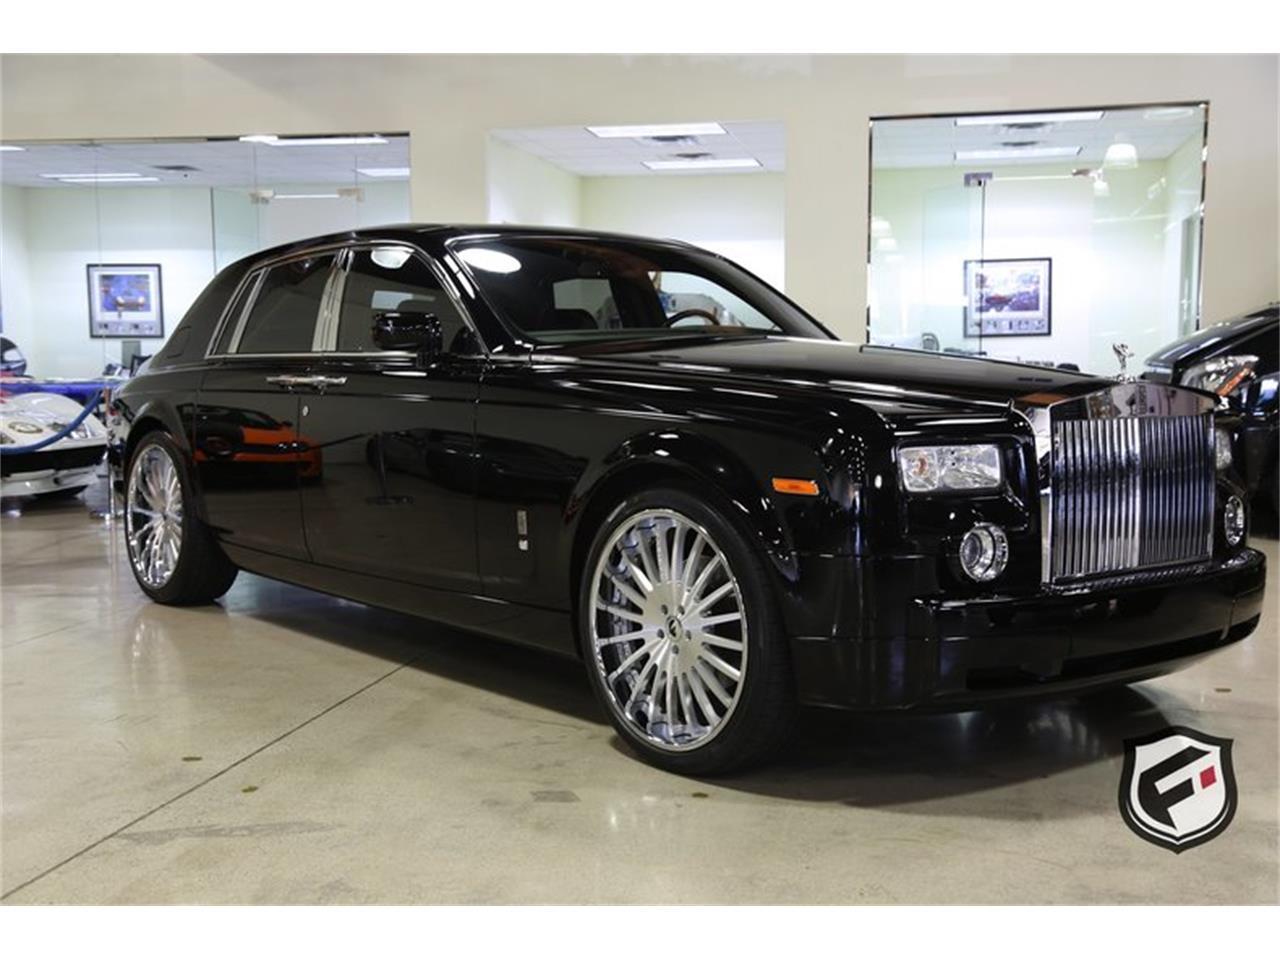 2005 Rolls-Royce Phantom for Sale | ClassicCars.com | CC ...